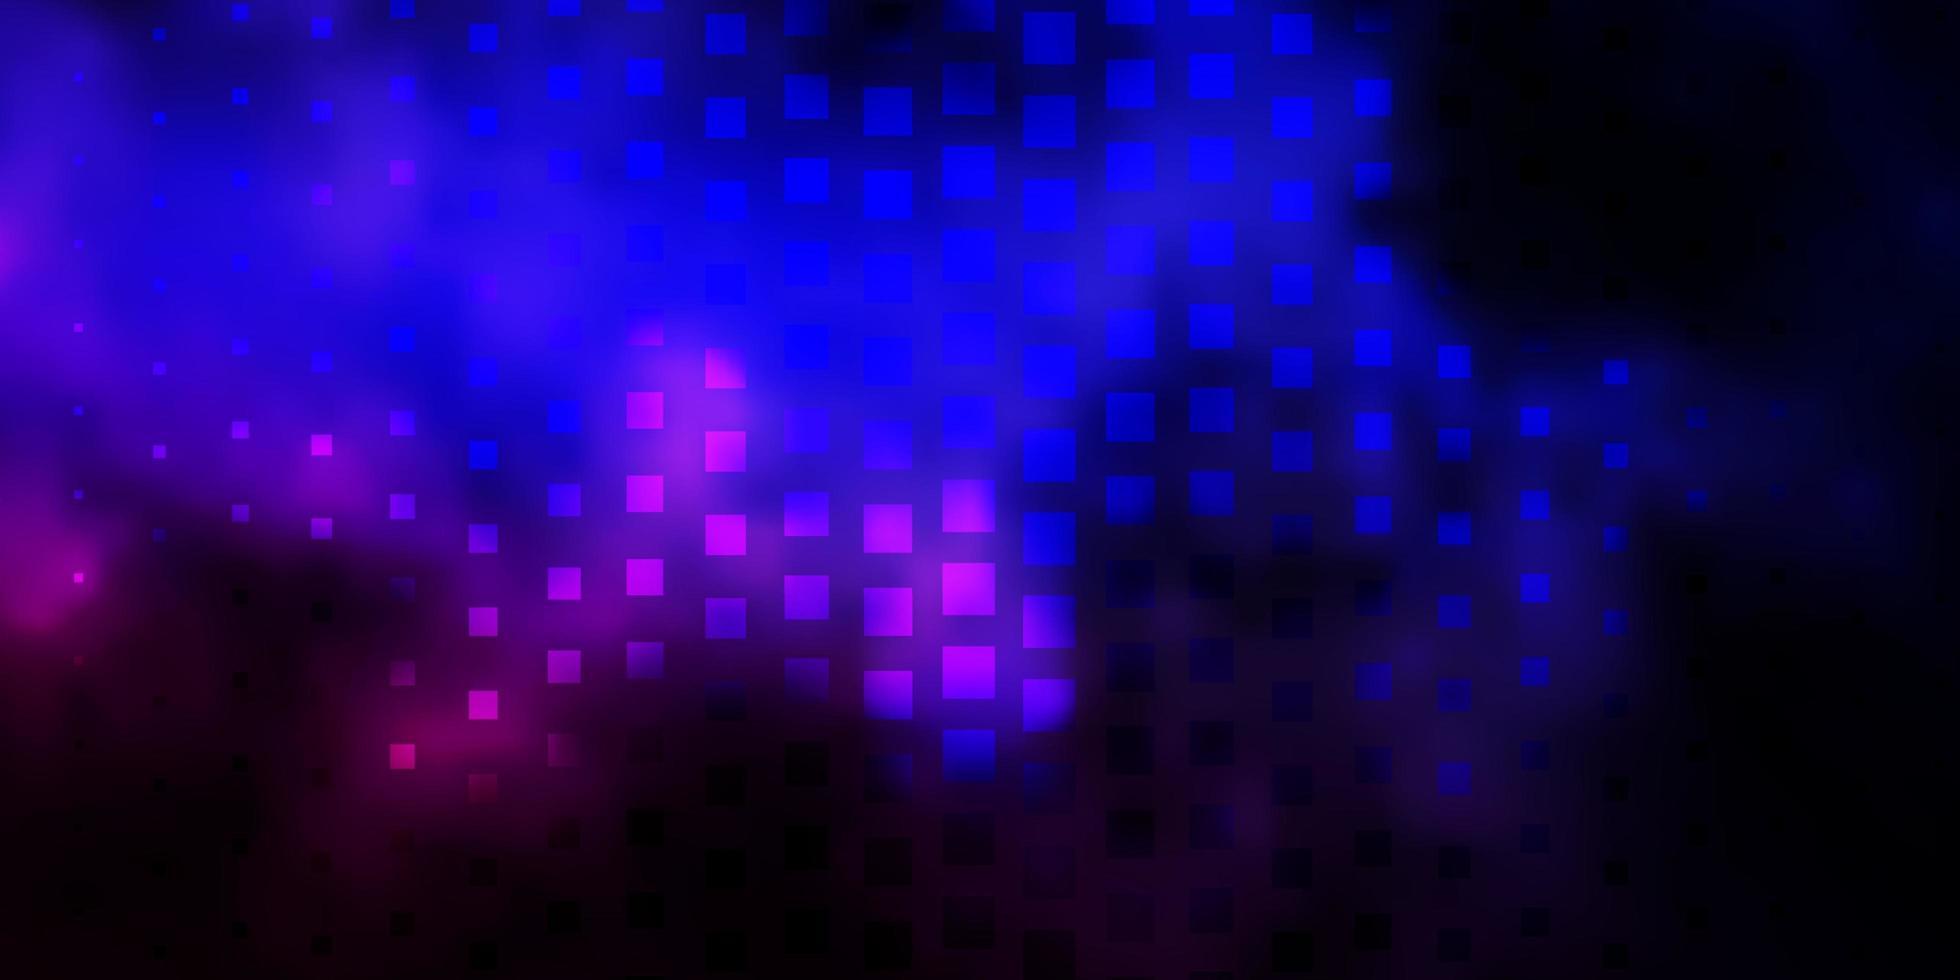 Fondo de vector de color rosa oscuro, azul en estilo poligonal.